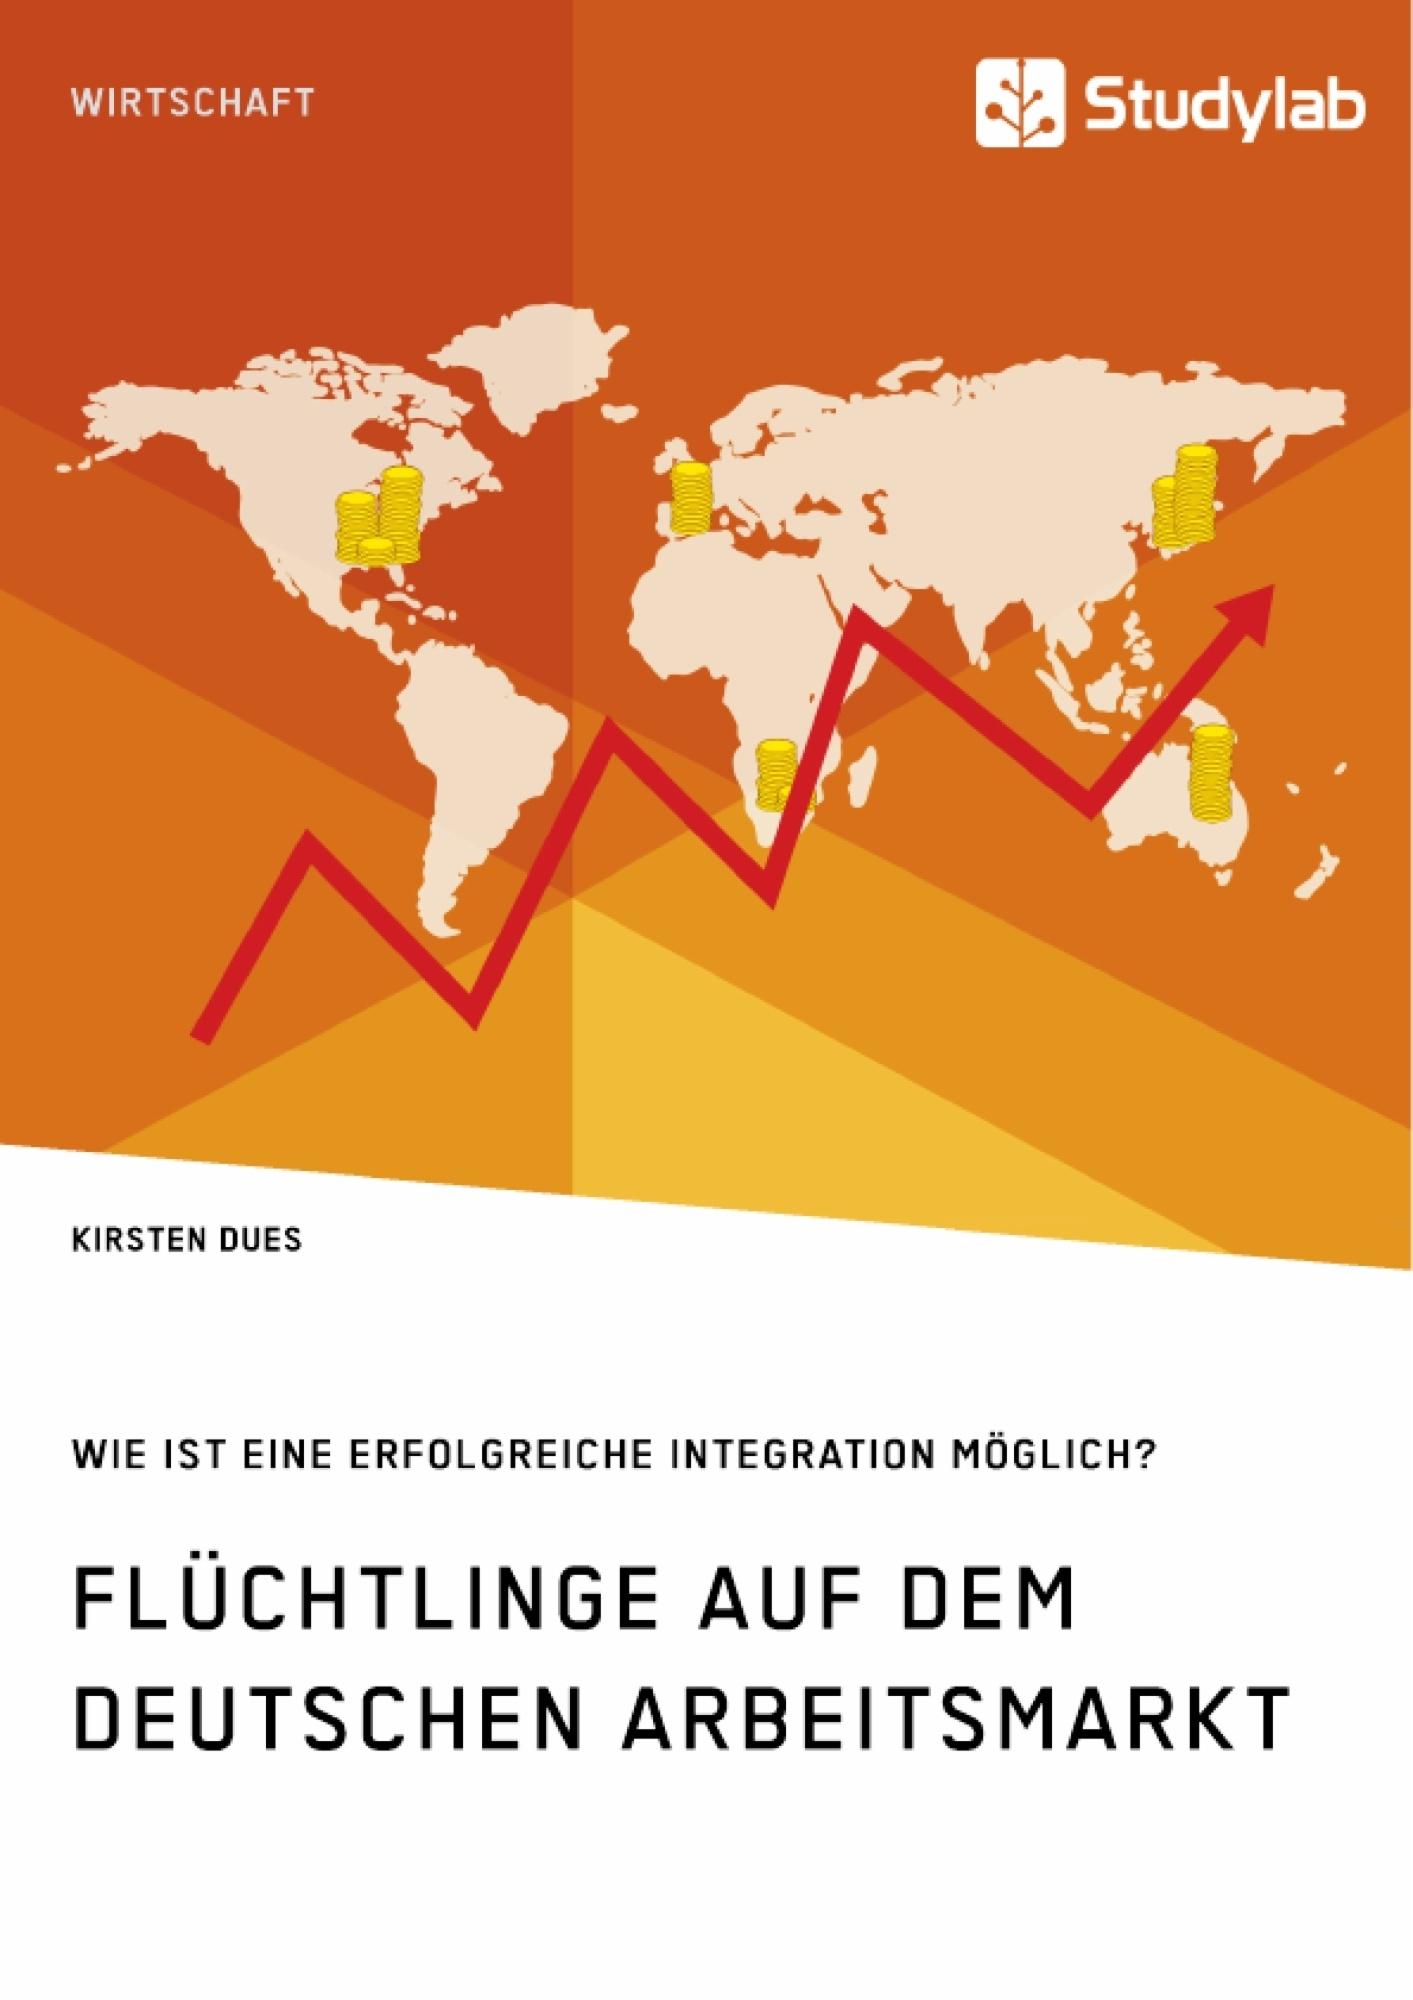 Titel: Flüchtlinge auf dem deutschen Arbeitsmarkt. Wie ist eine erfolgreiche Integration möglich?